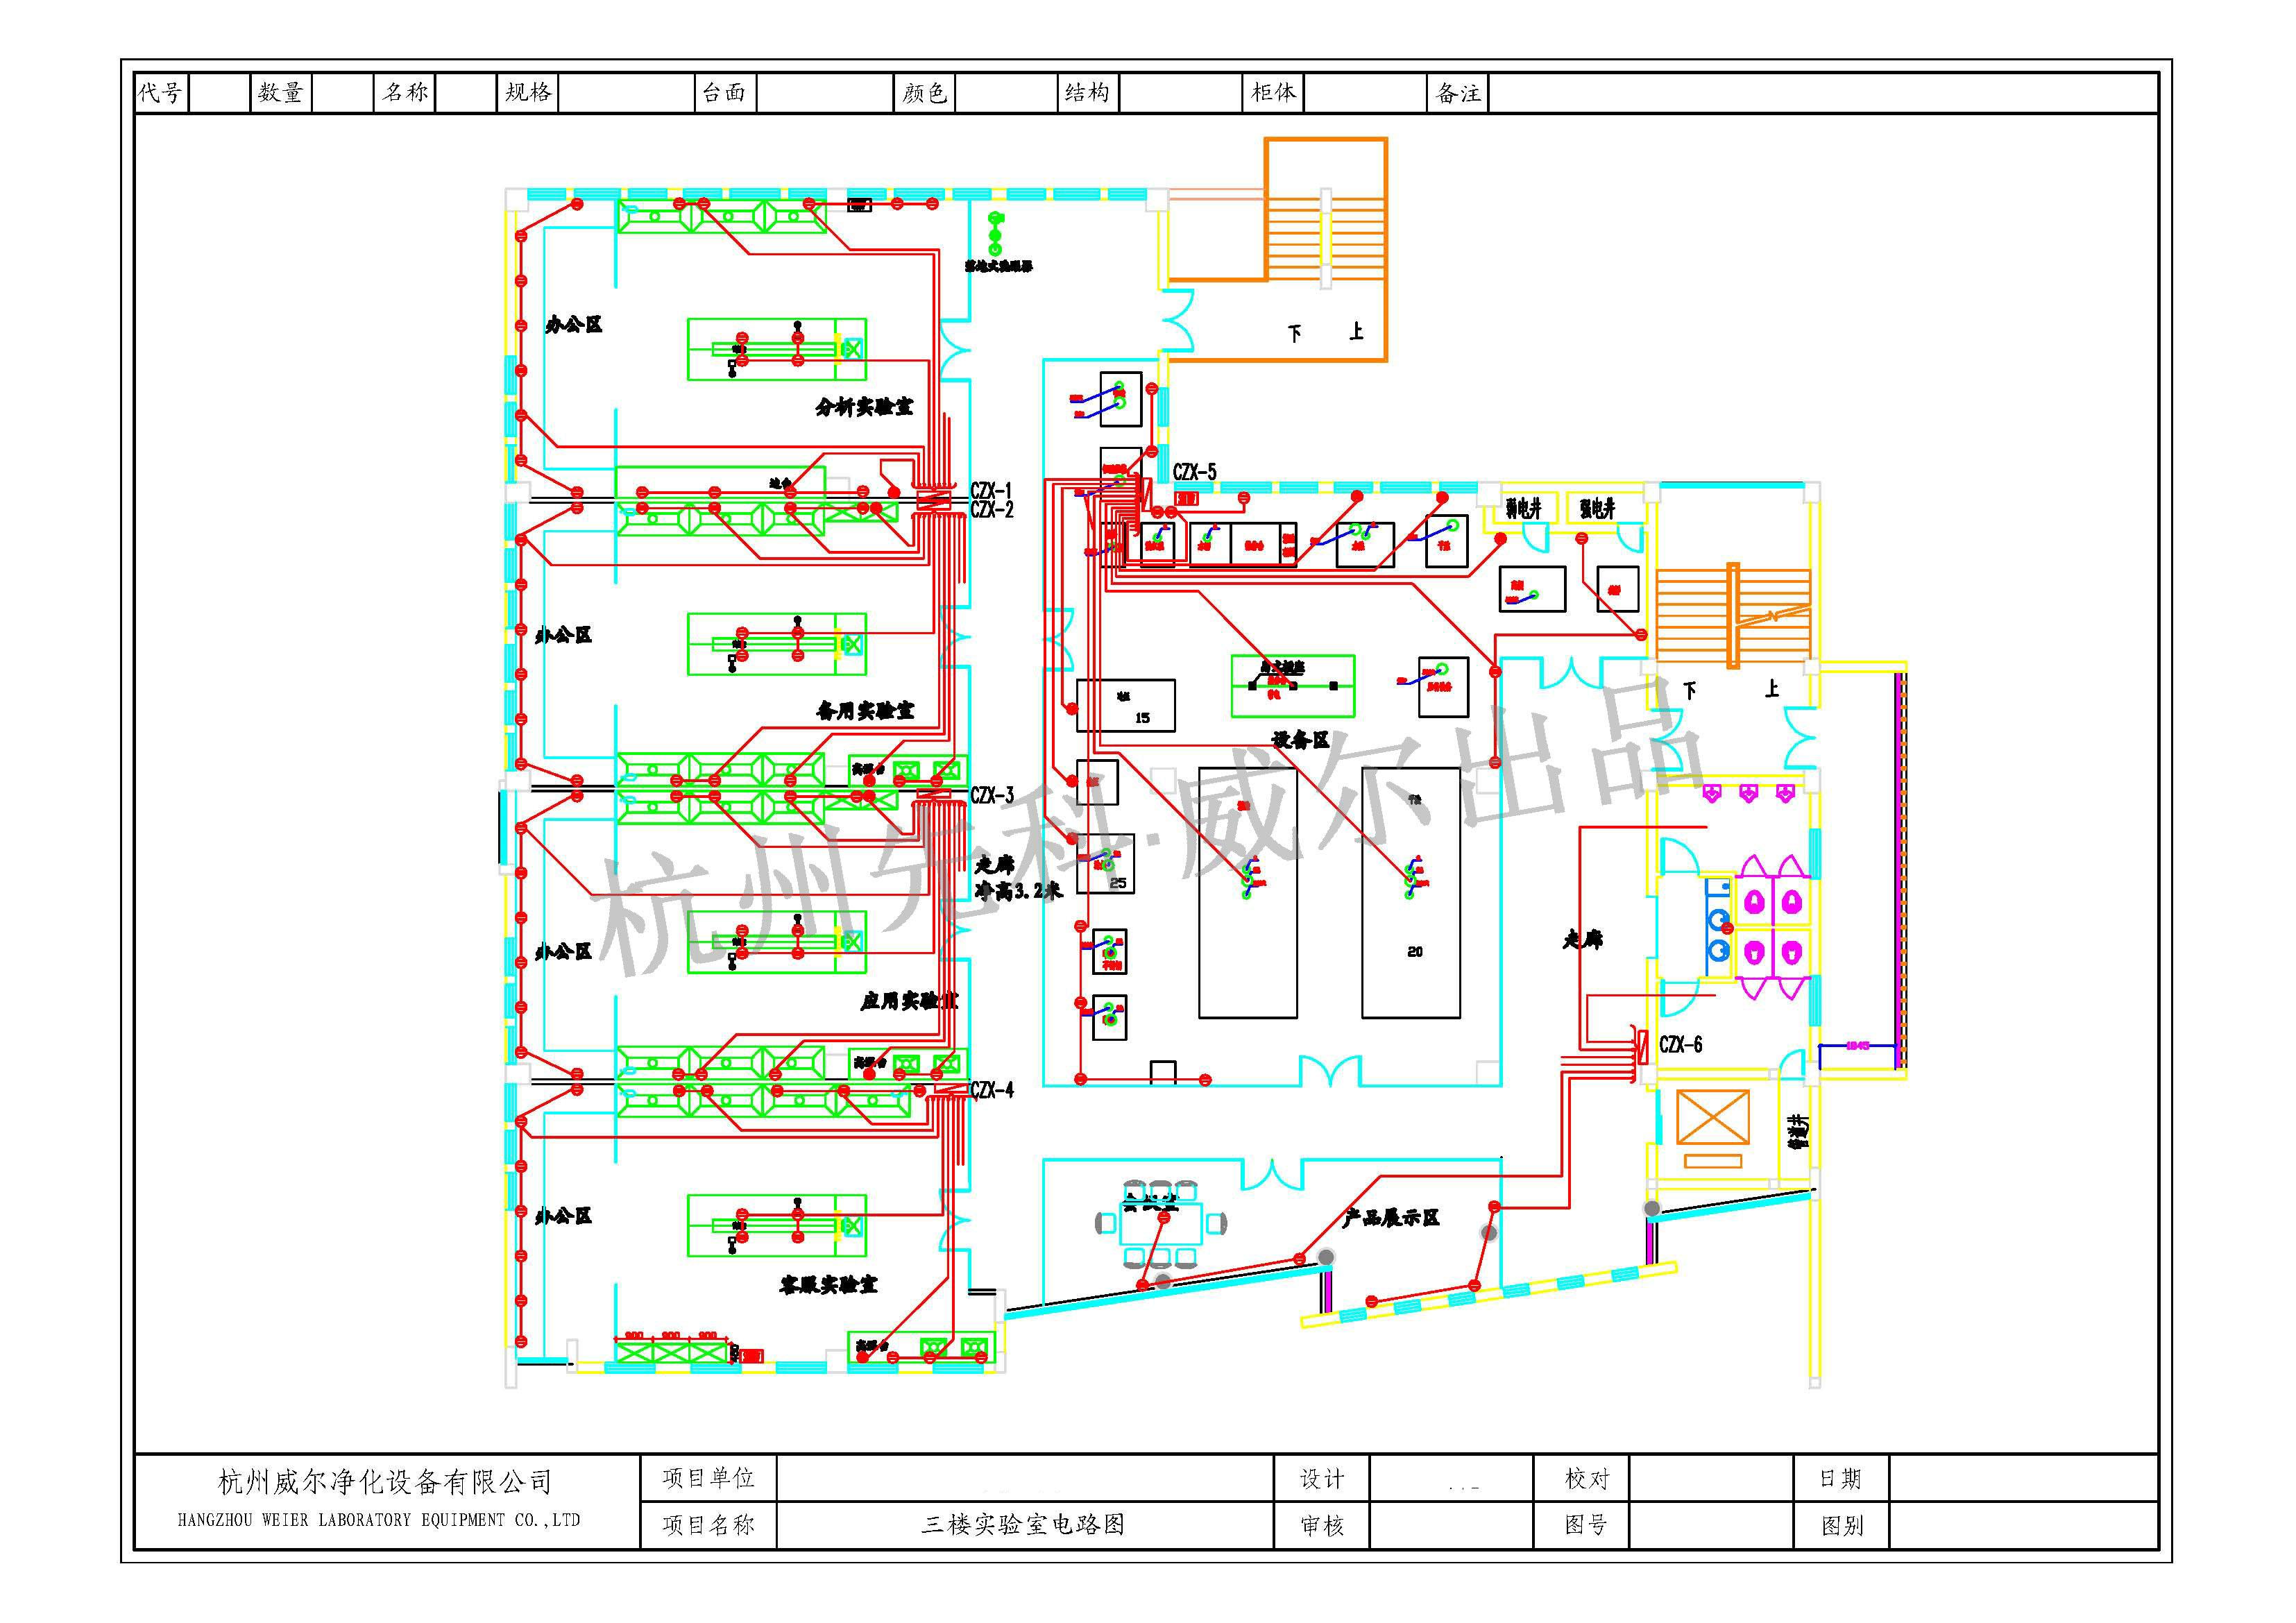 实验室电路系统设计图